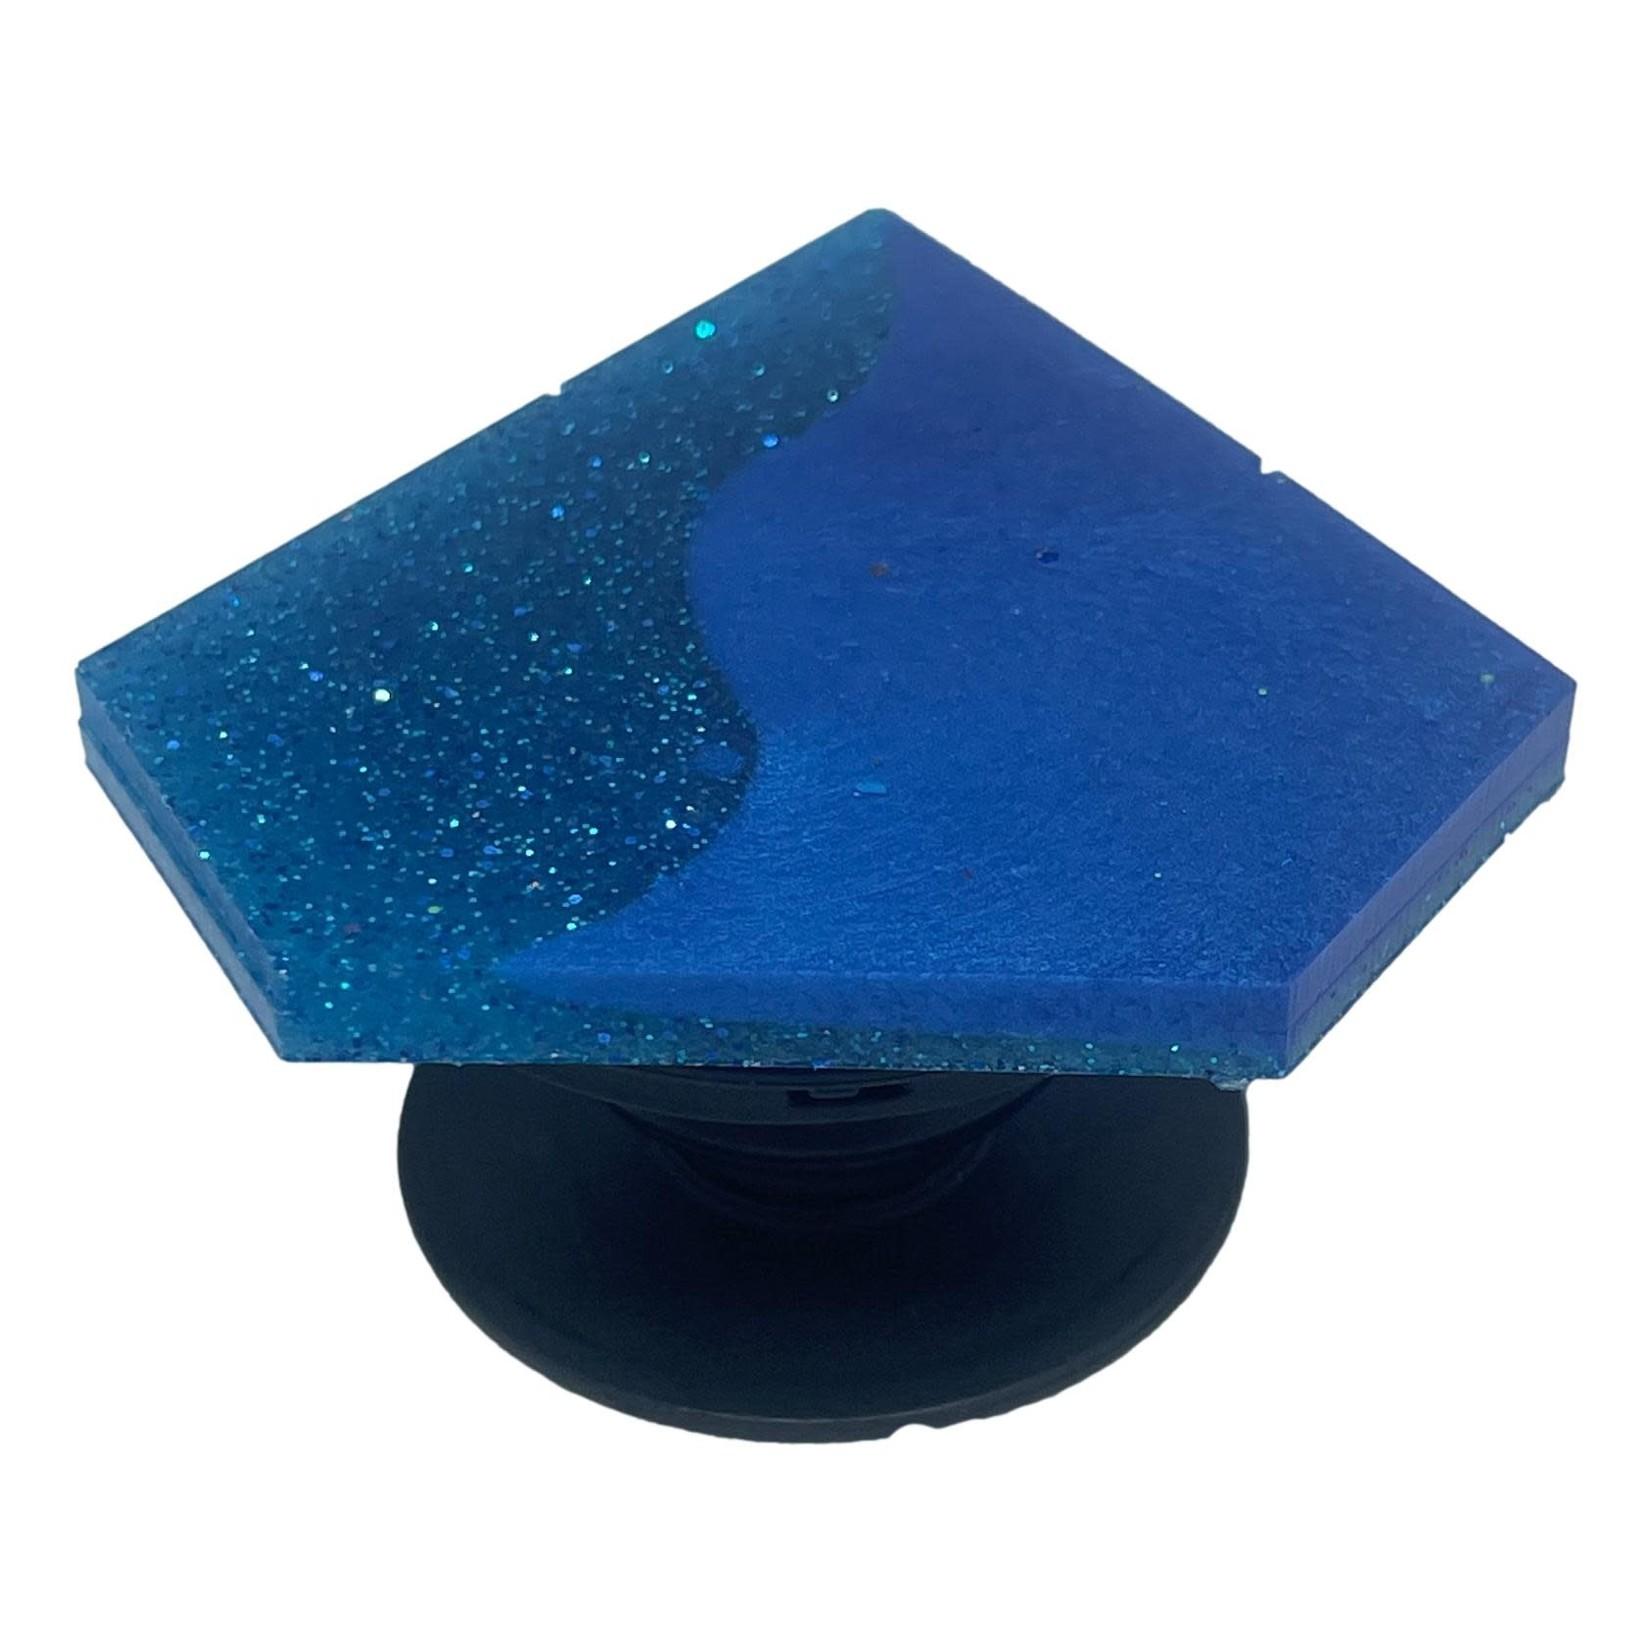 East Coast Sirens Two-tone Blue Geometric Phone Grip